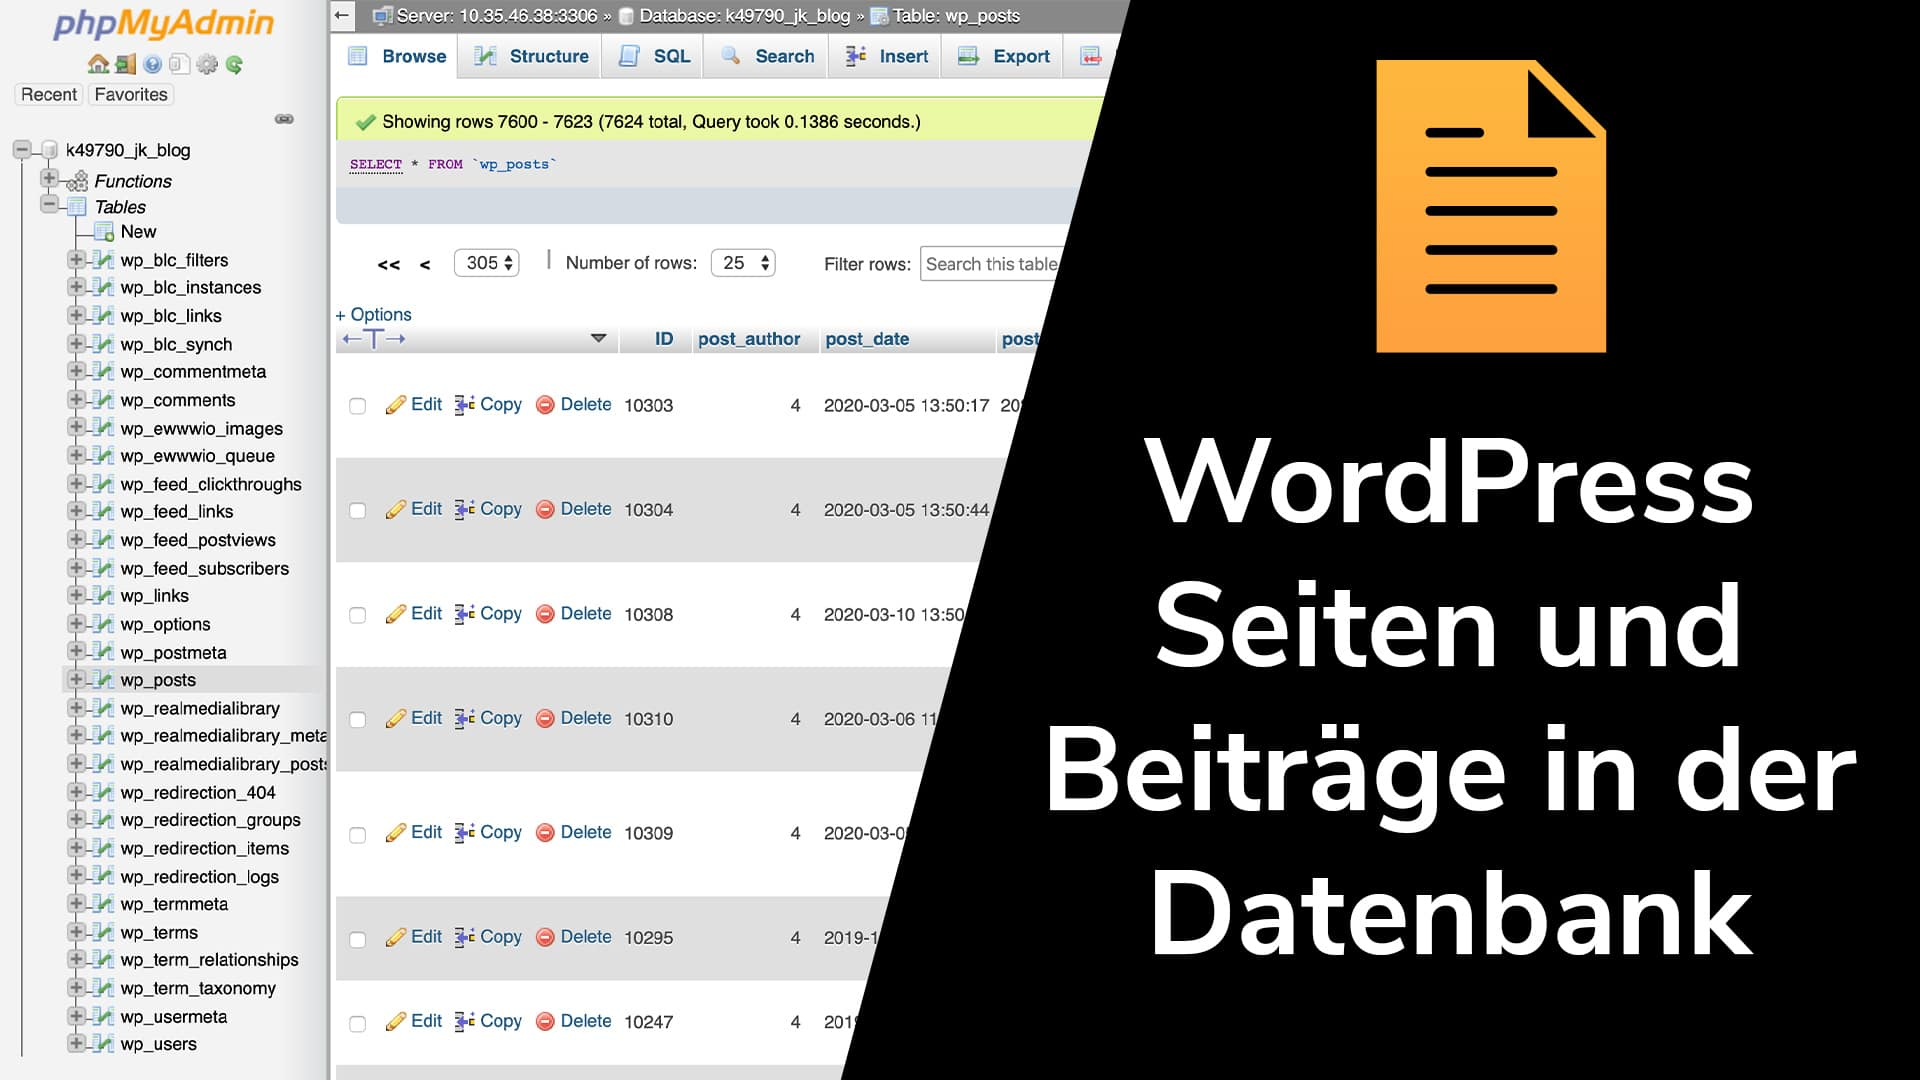 Wordpress-Seiten und -Beiträge in der Datenbank